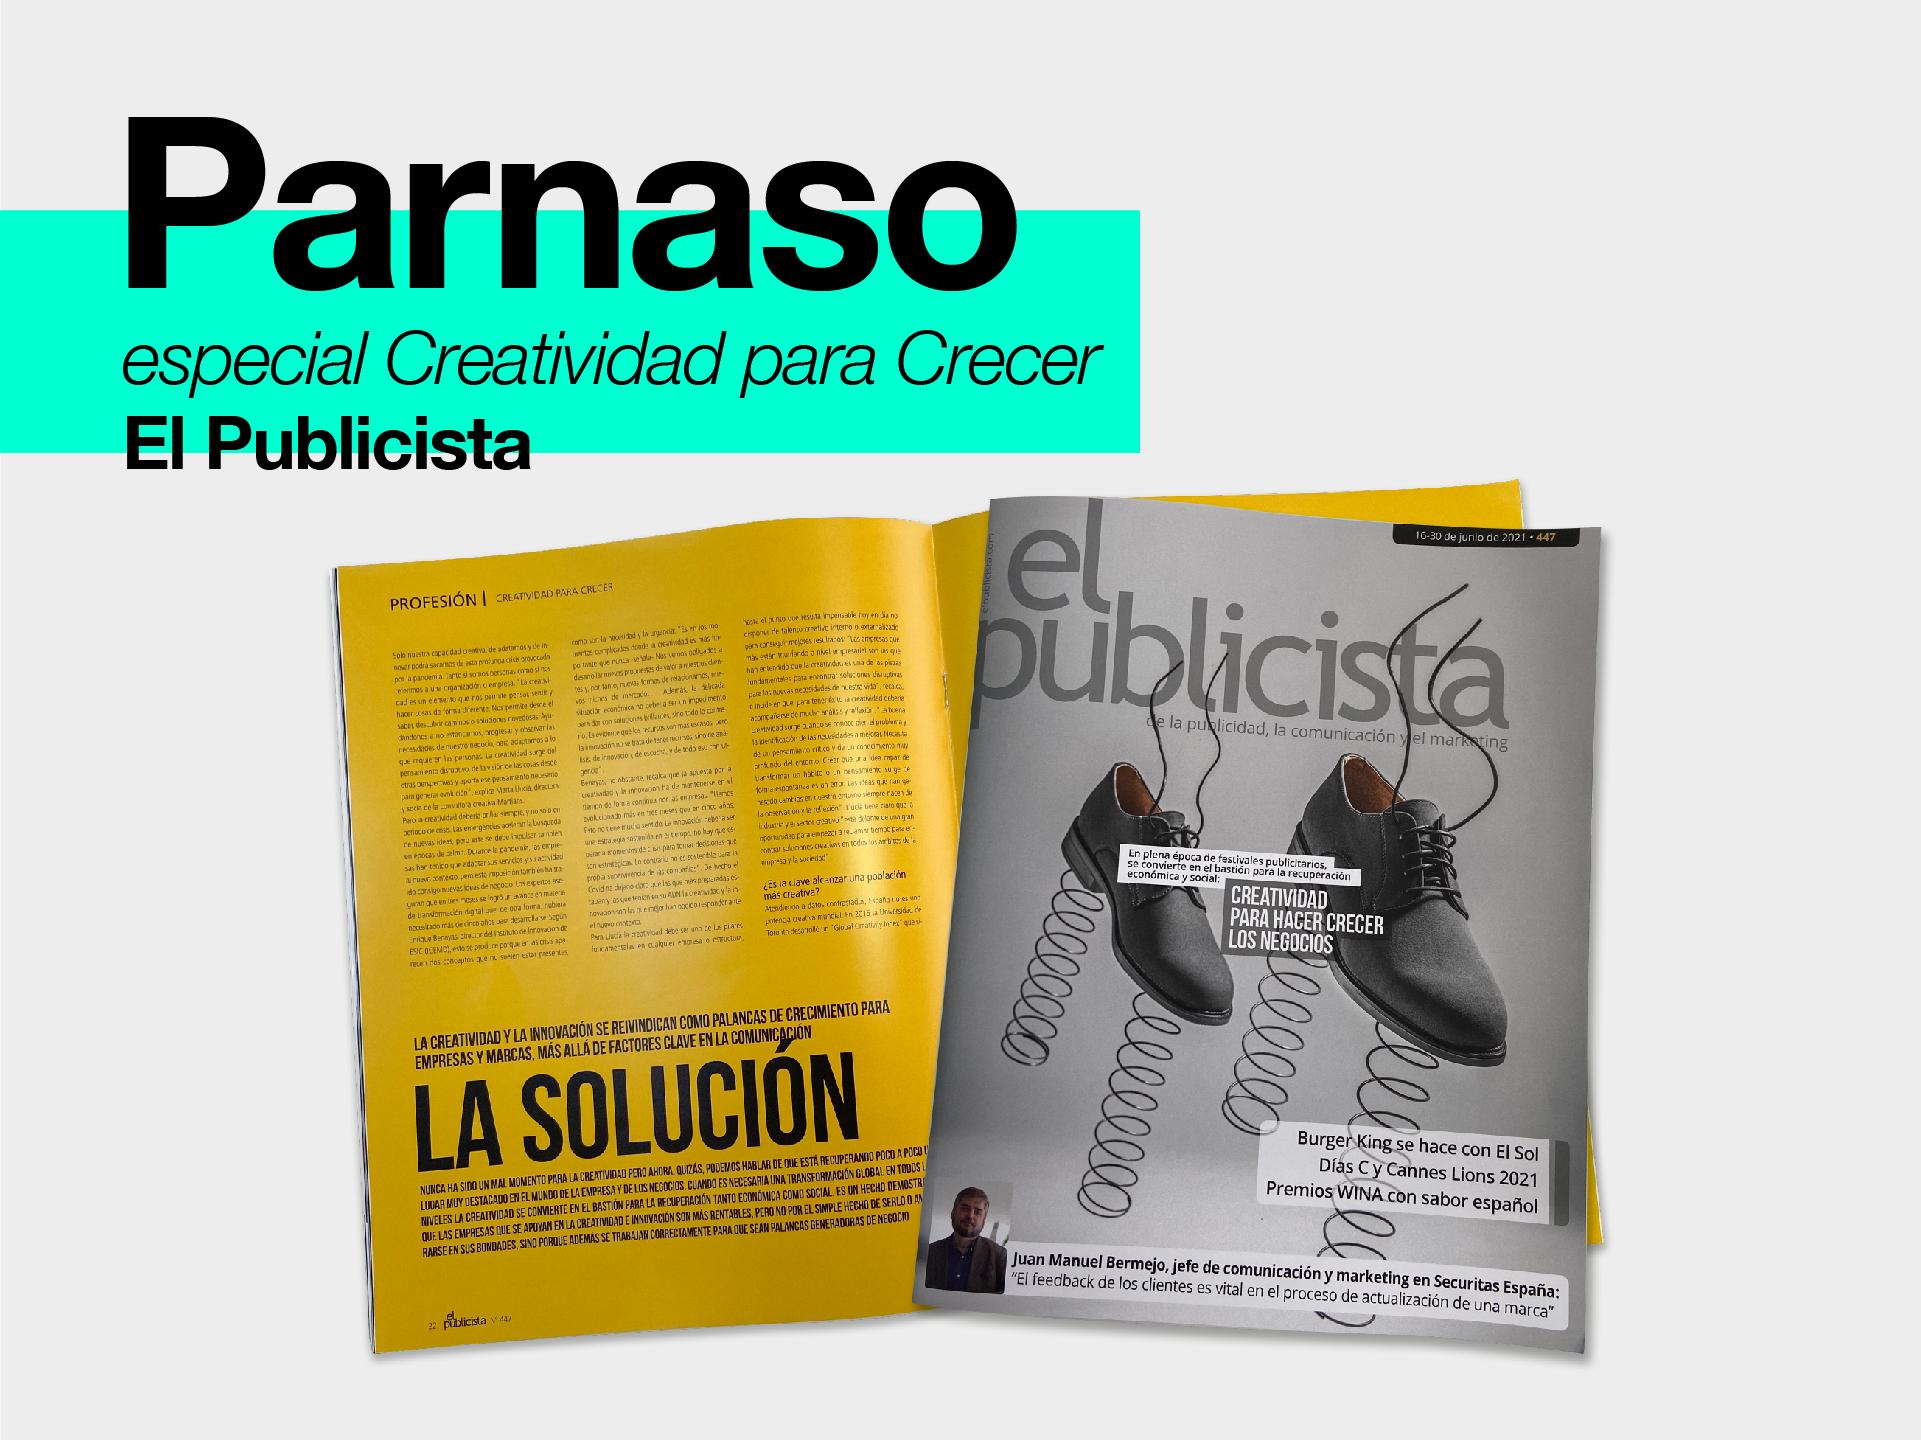 Parnaso en el nuevo número de la revista El Publicista - Parnaso